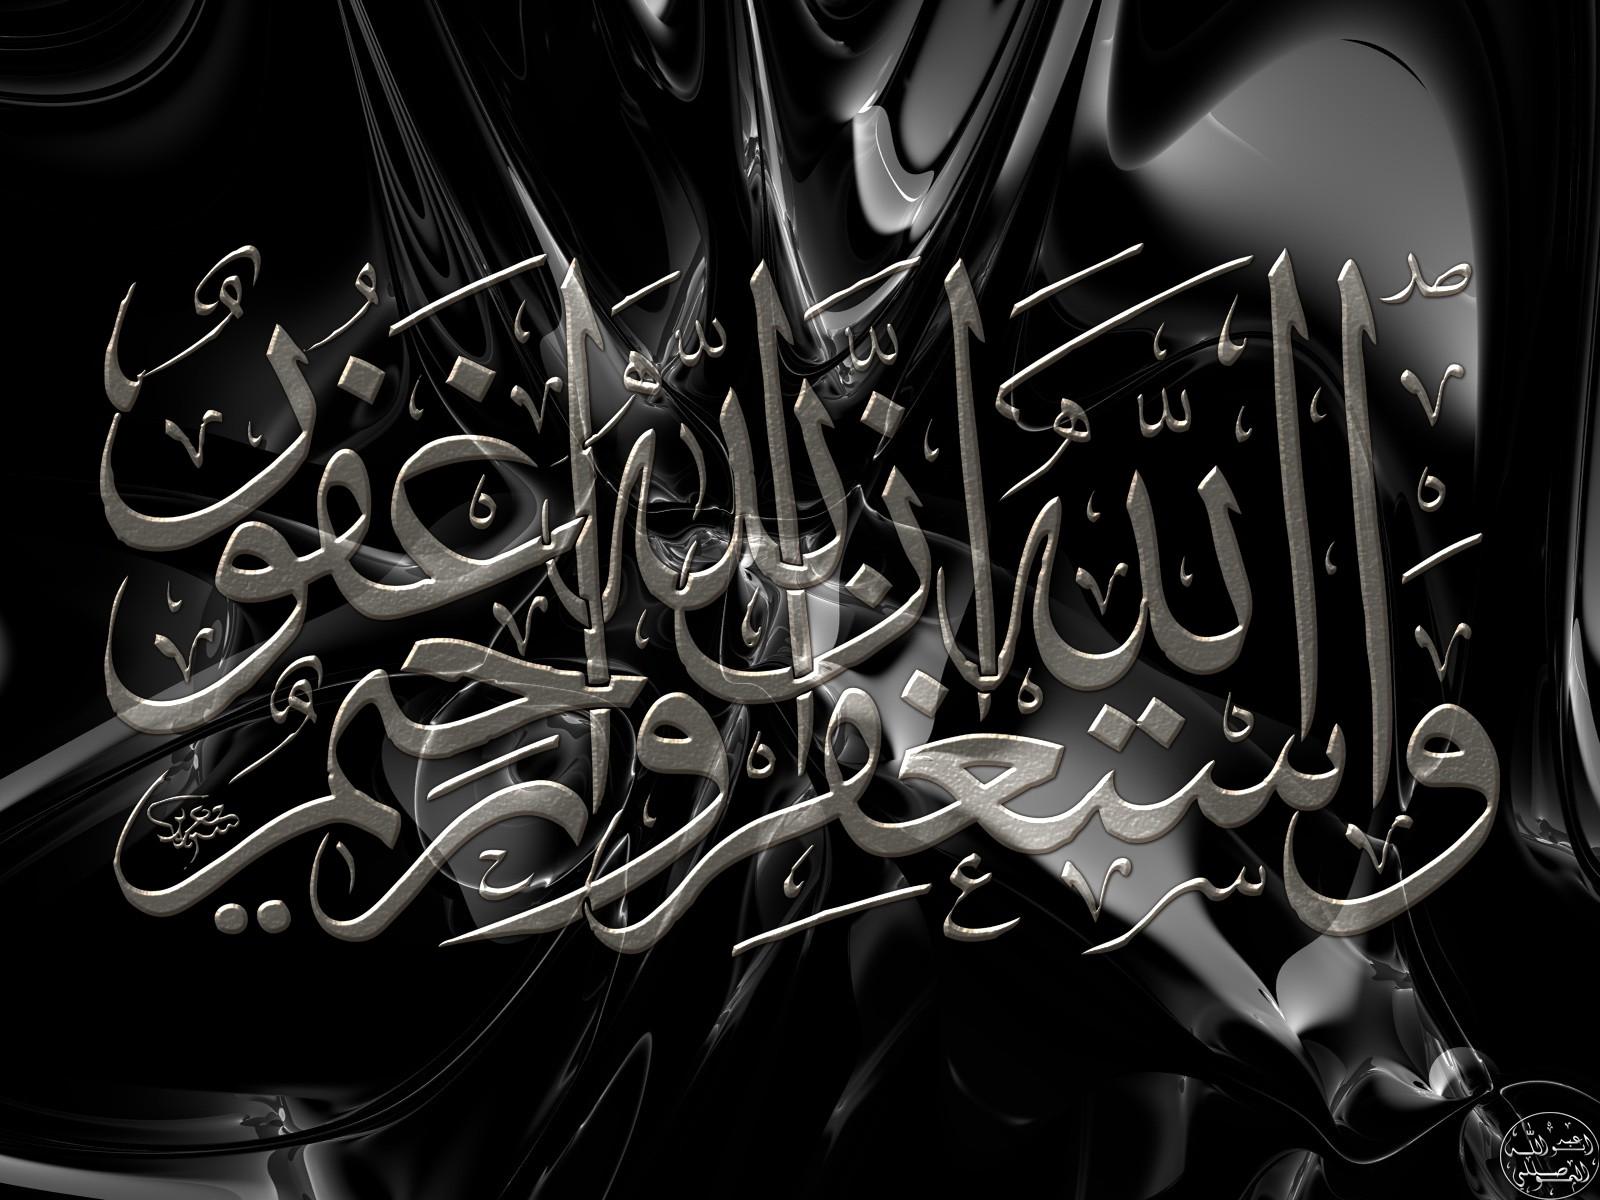 صورة صور دينيه حلوه , روعة الصور الدينية الجميلة تجدها هنا